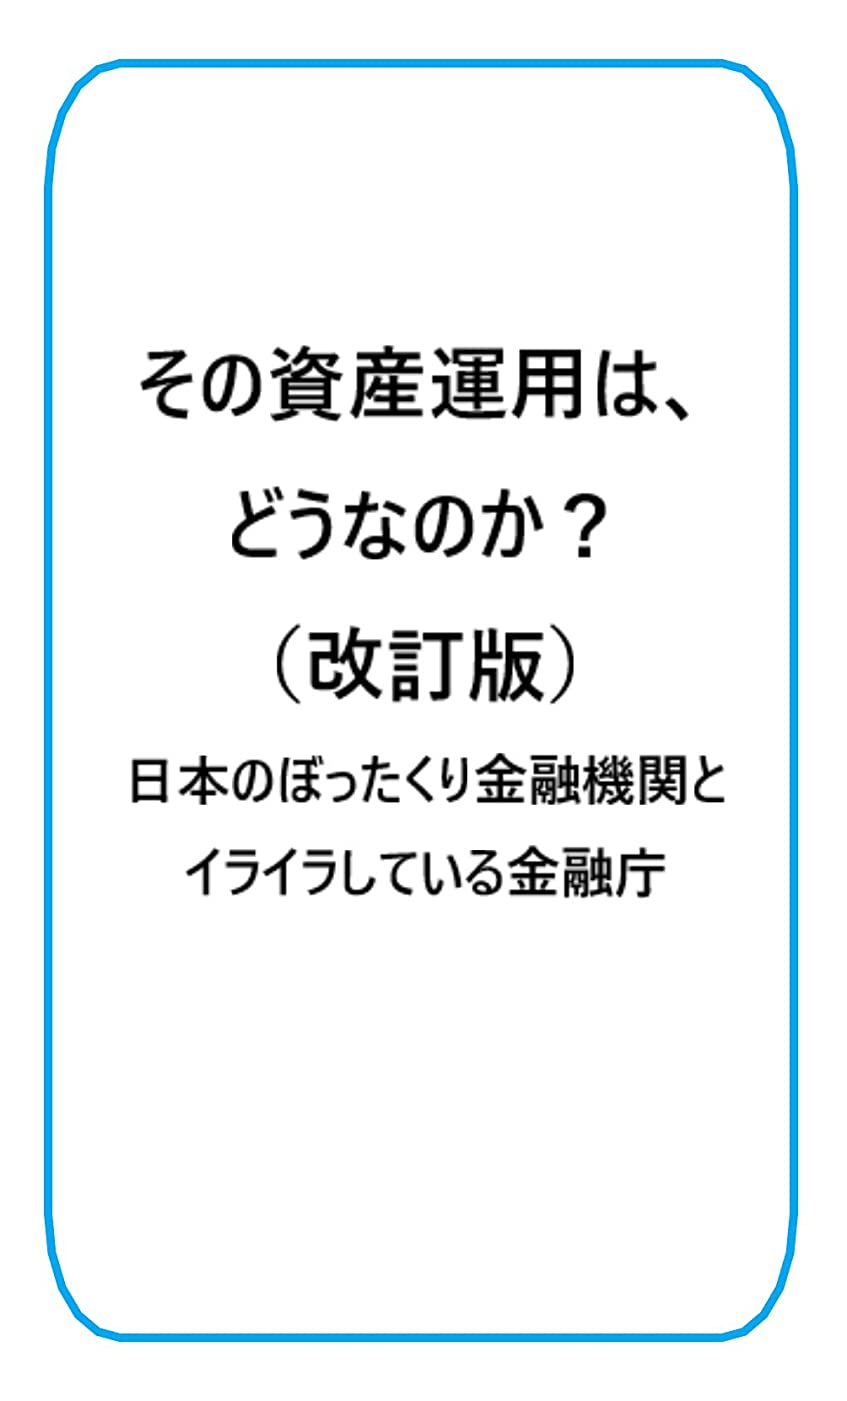 応じる確率手がかりその資産運用は、どうなのか(改訂版): 日本のぼったくり金融機関とイライラしている金融庁